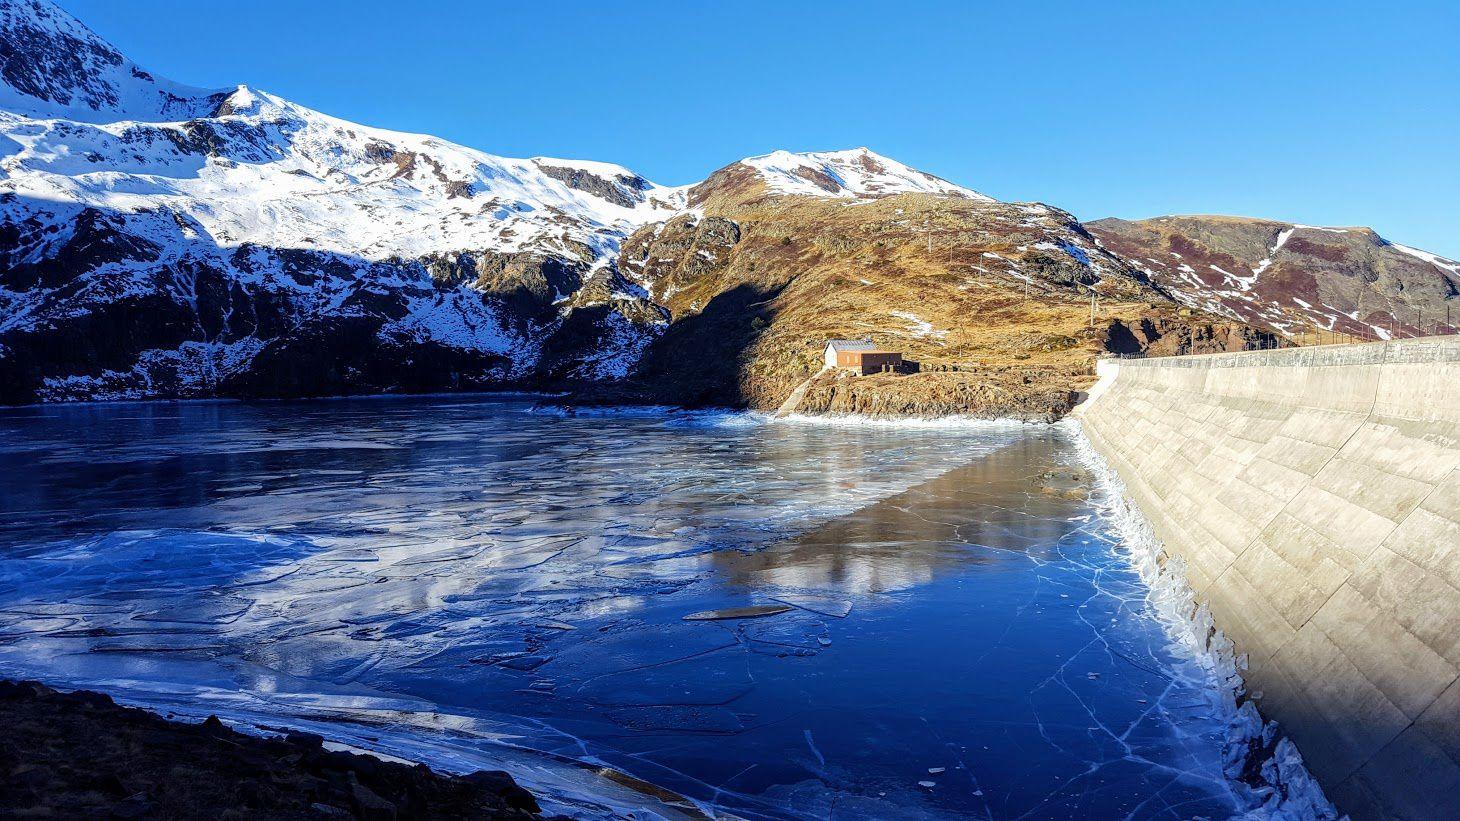 J'entends encore raisonner les craquements impressionnants de la glace qui recouvre la totalité de l'étang.